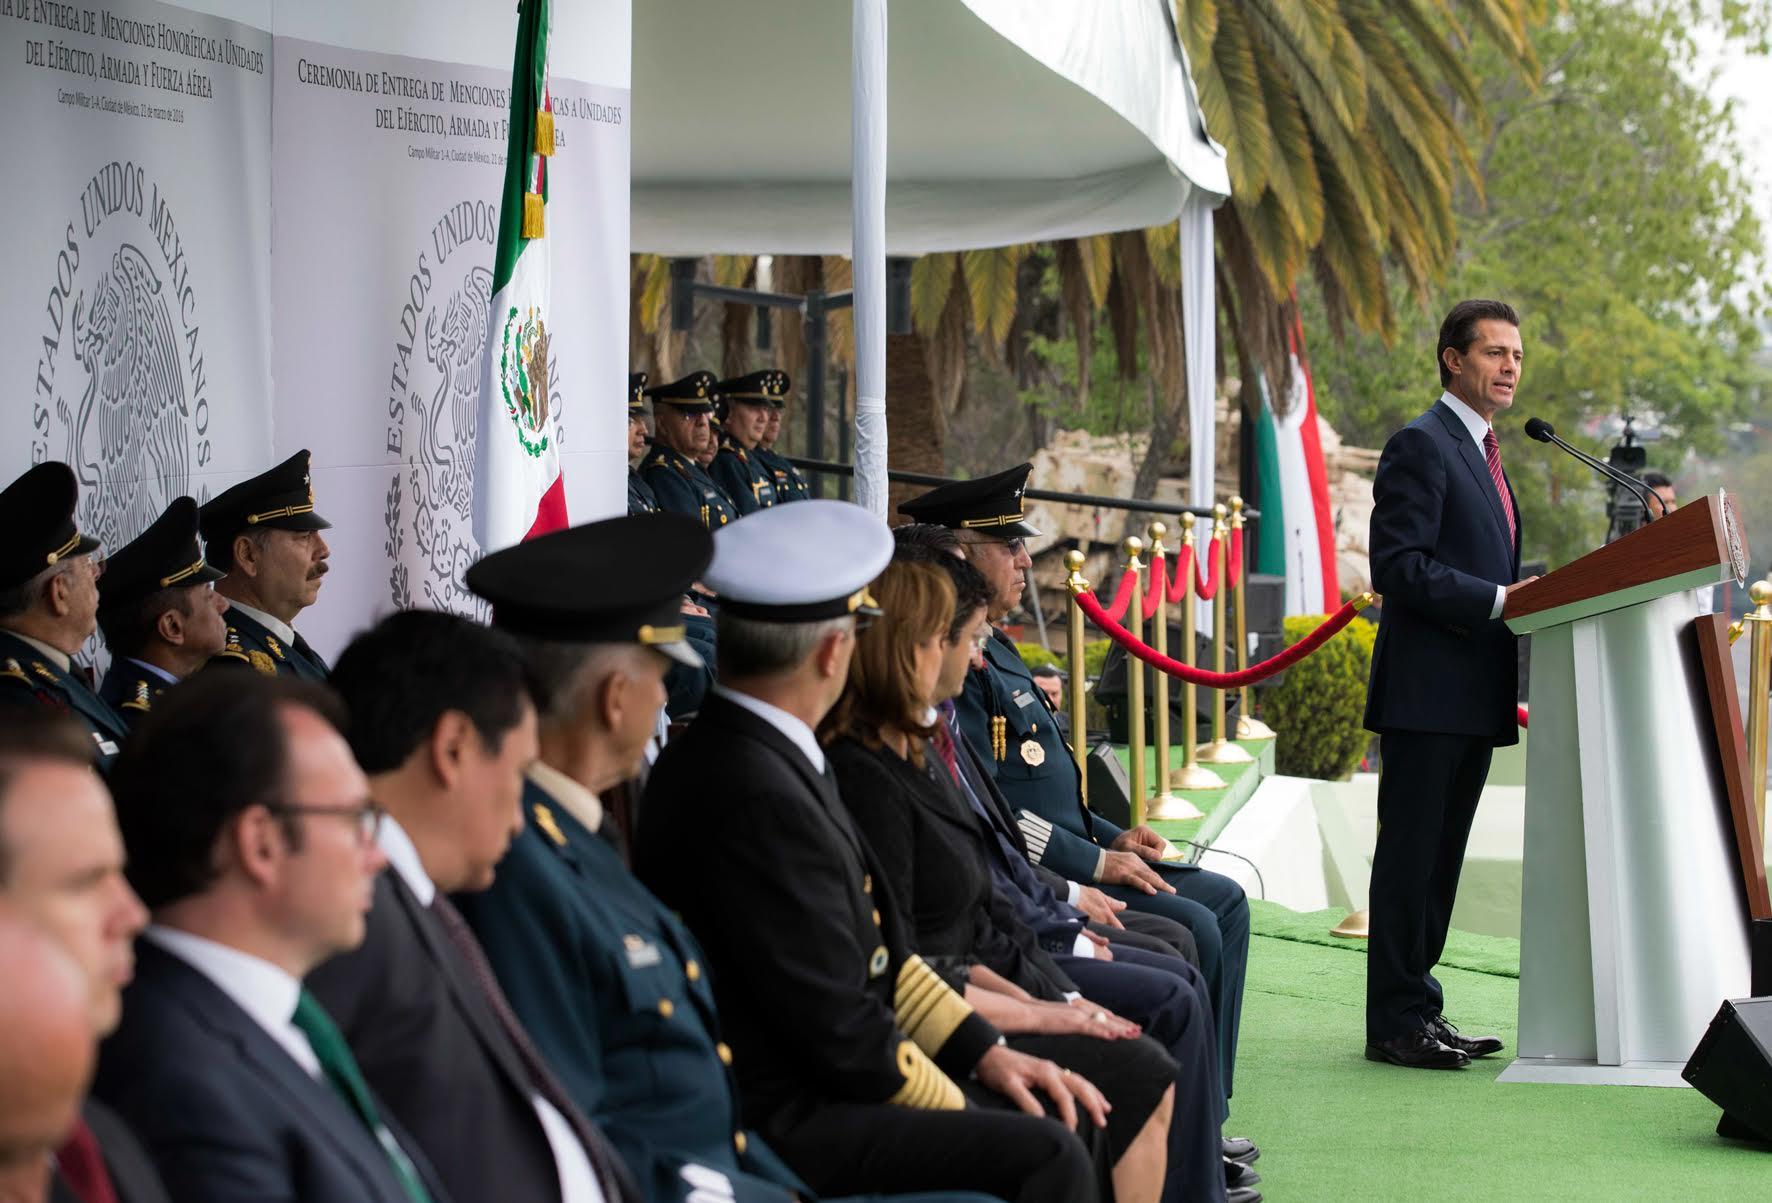 El Primer Mandatario hace entrega de reconocimientos y menciones honoríficas a las fuerzas armadas del país.